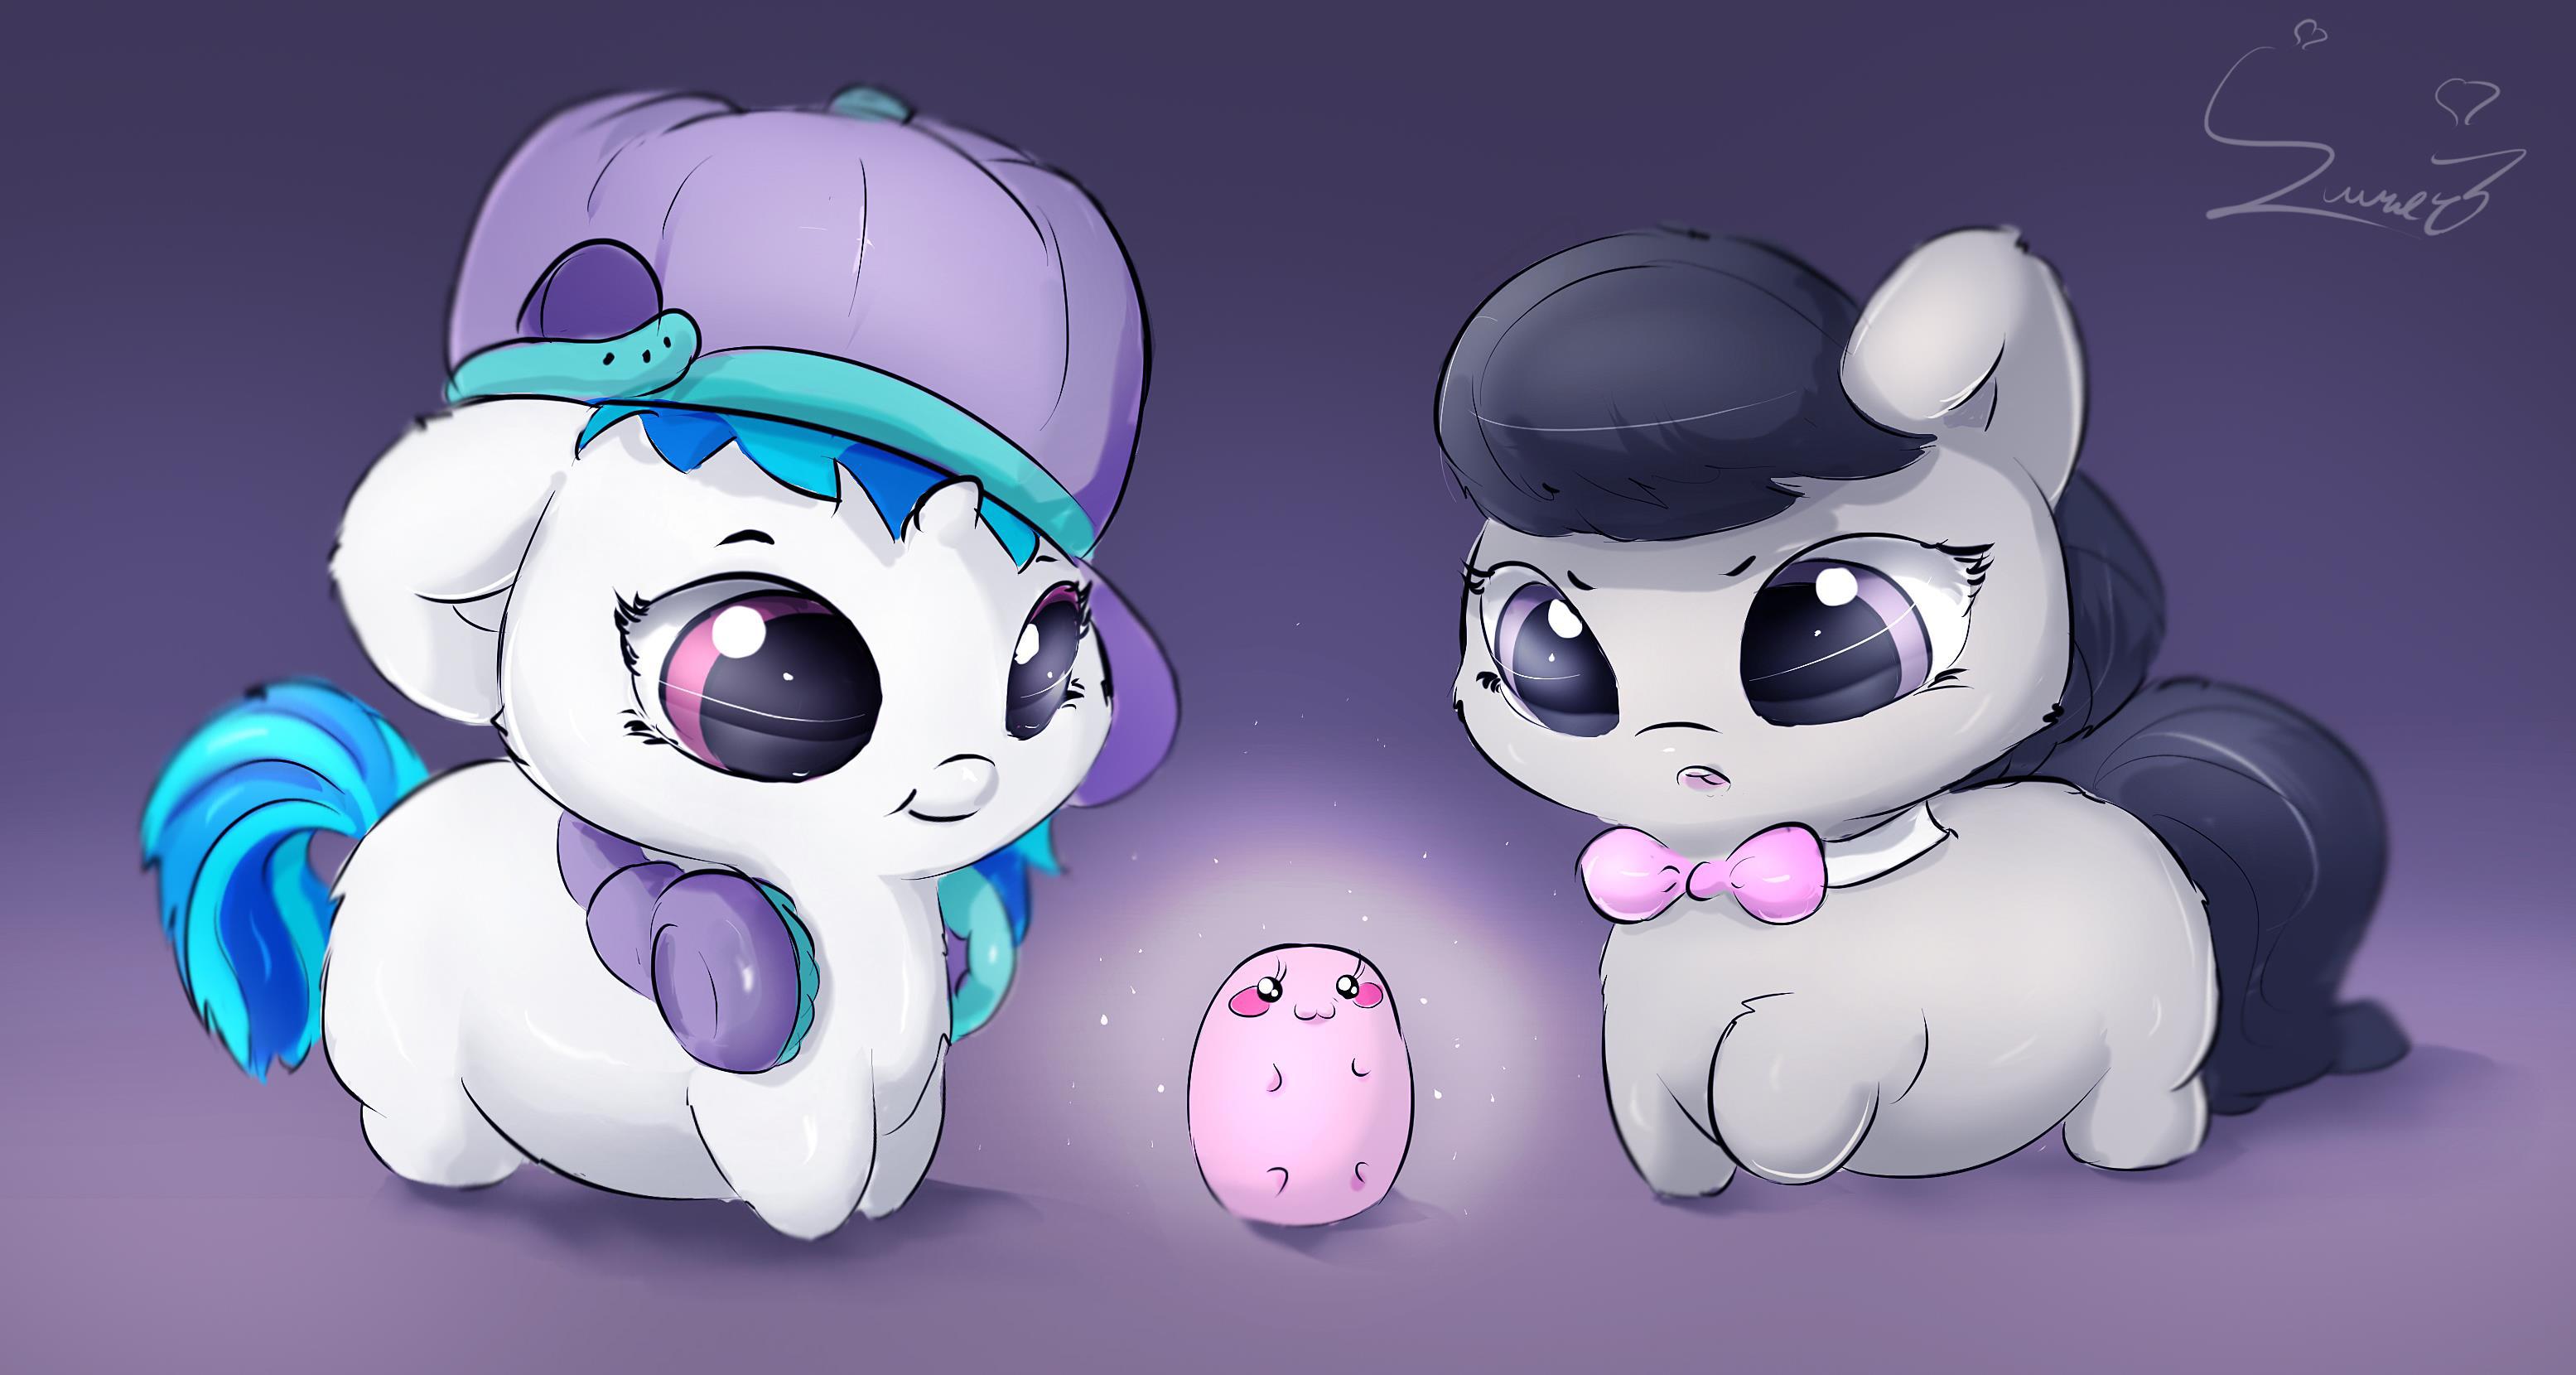 Magical Kawaii Potato Appears My Little Pony